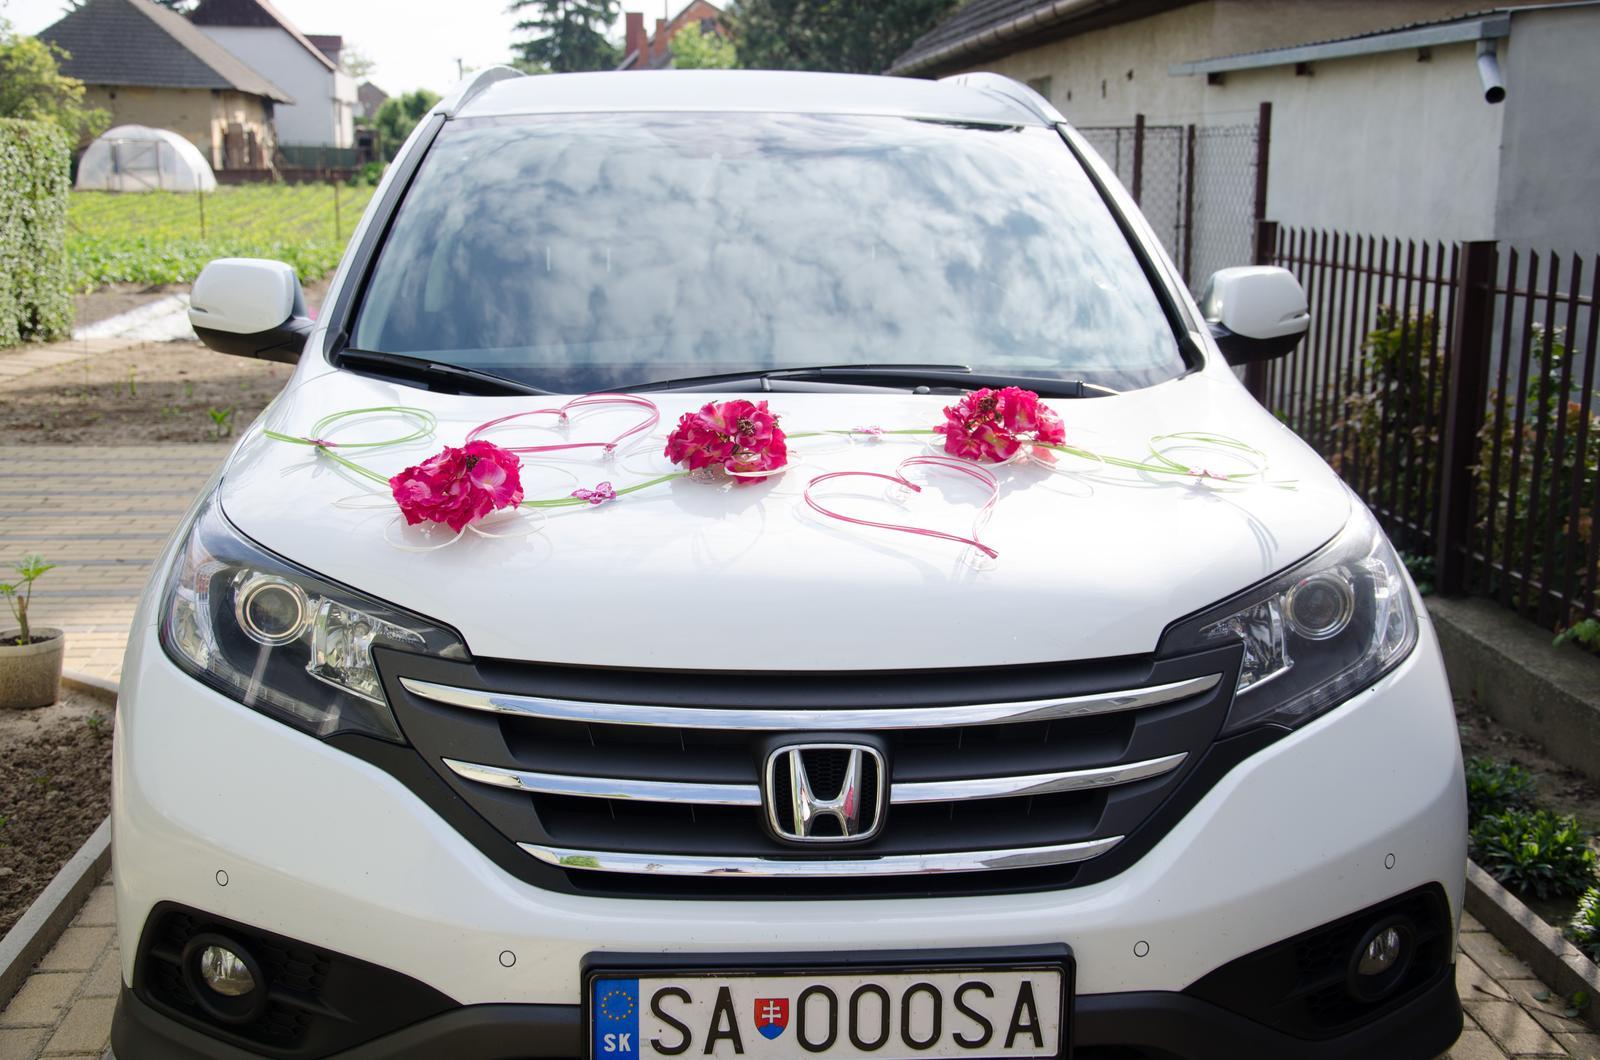 Keď tvorilkujem - Naša svadobná výzdoba auta...